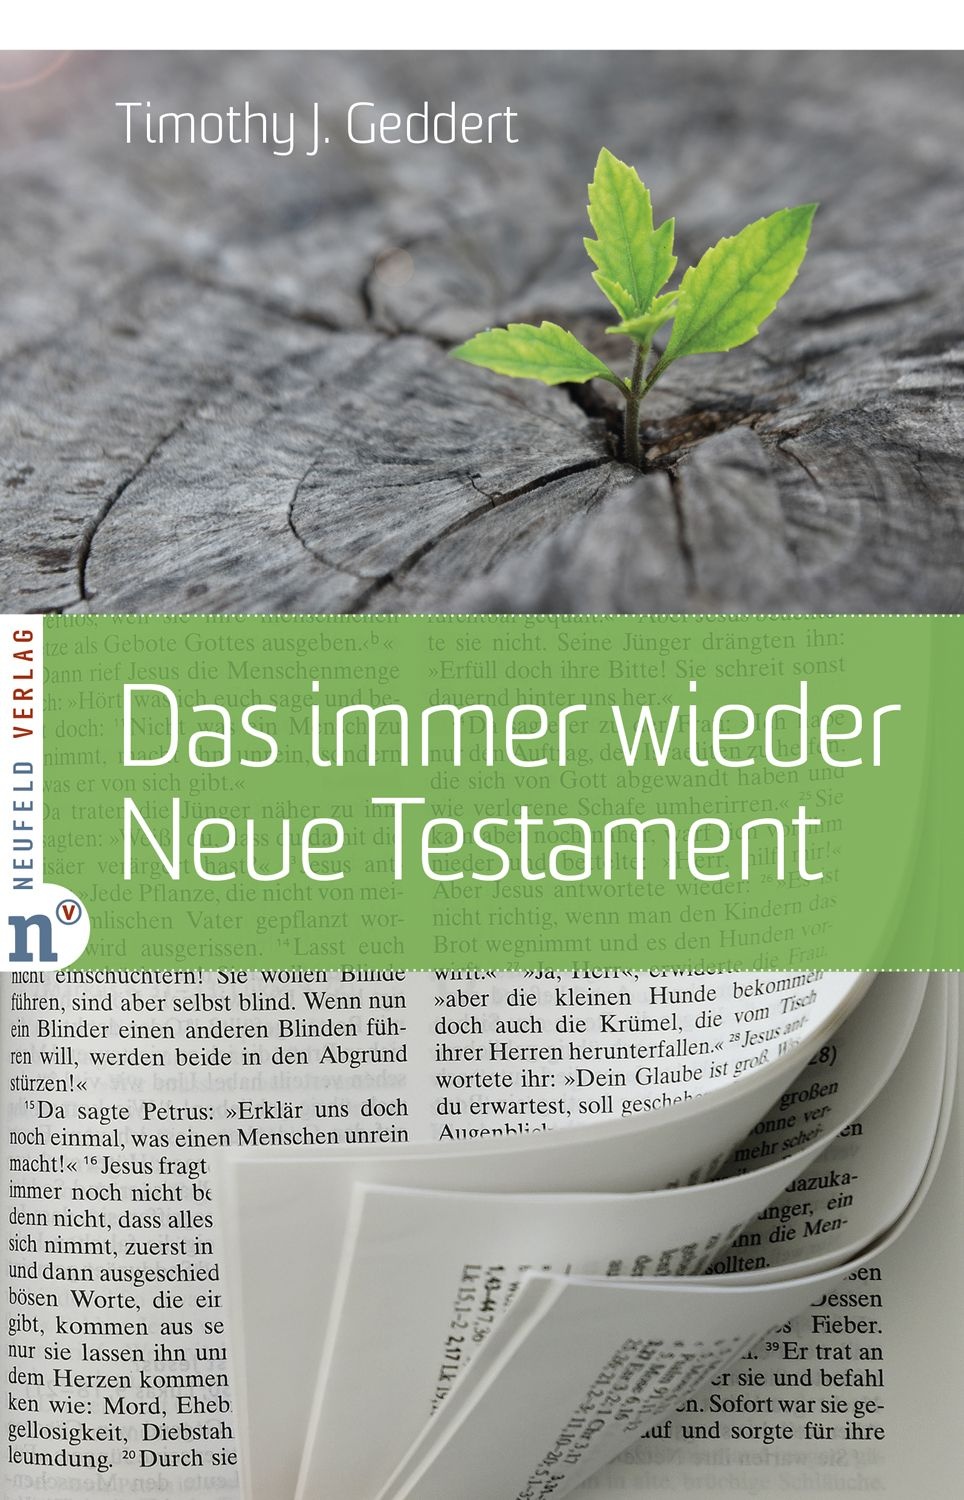 Das immer wieder Neue Testament